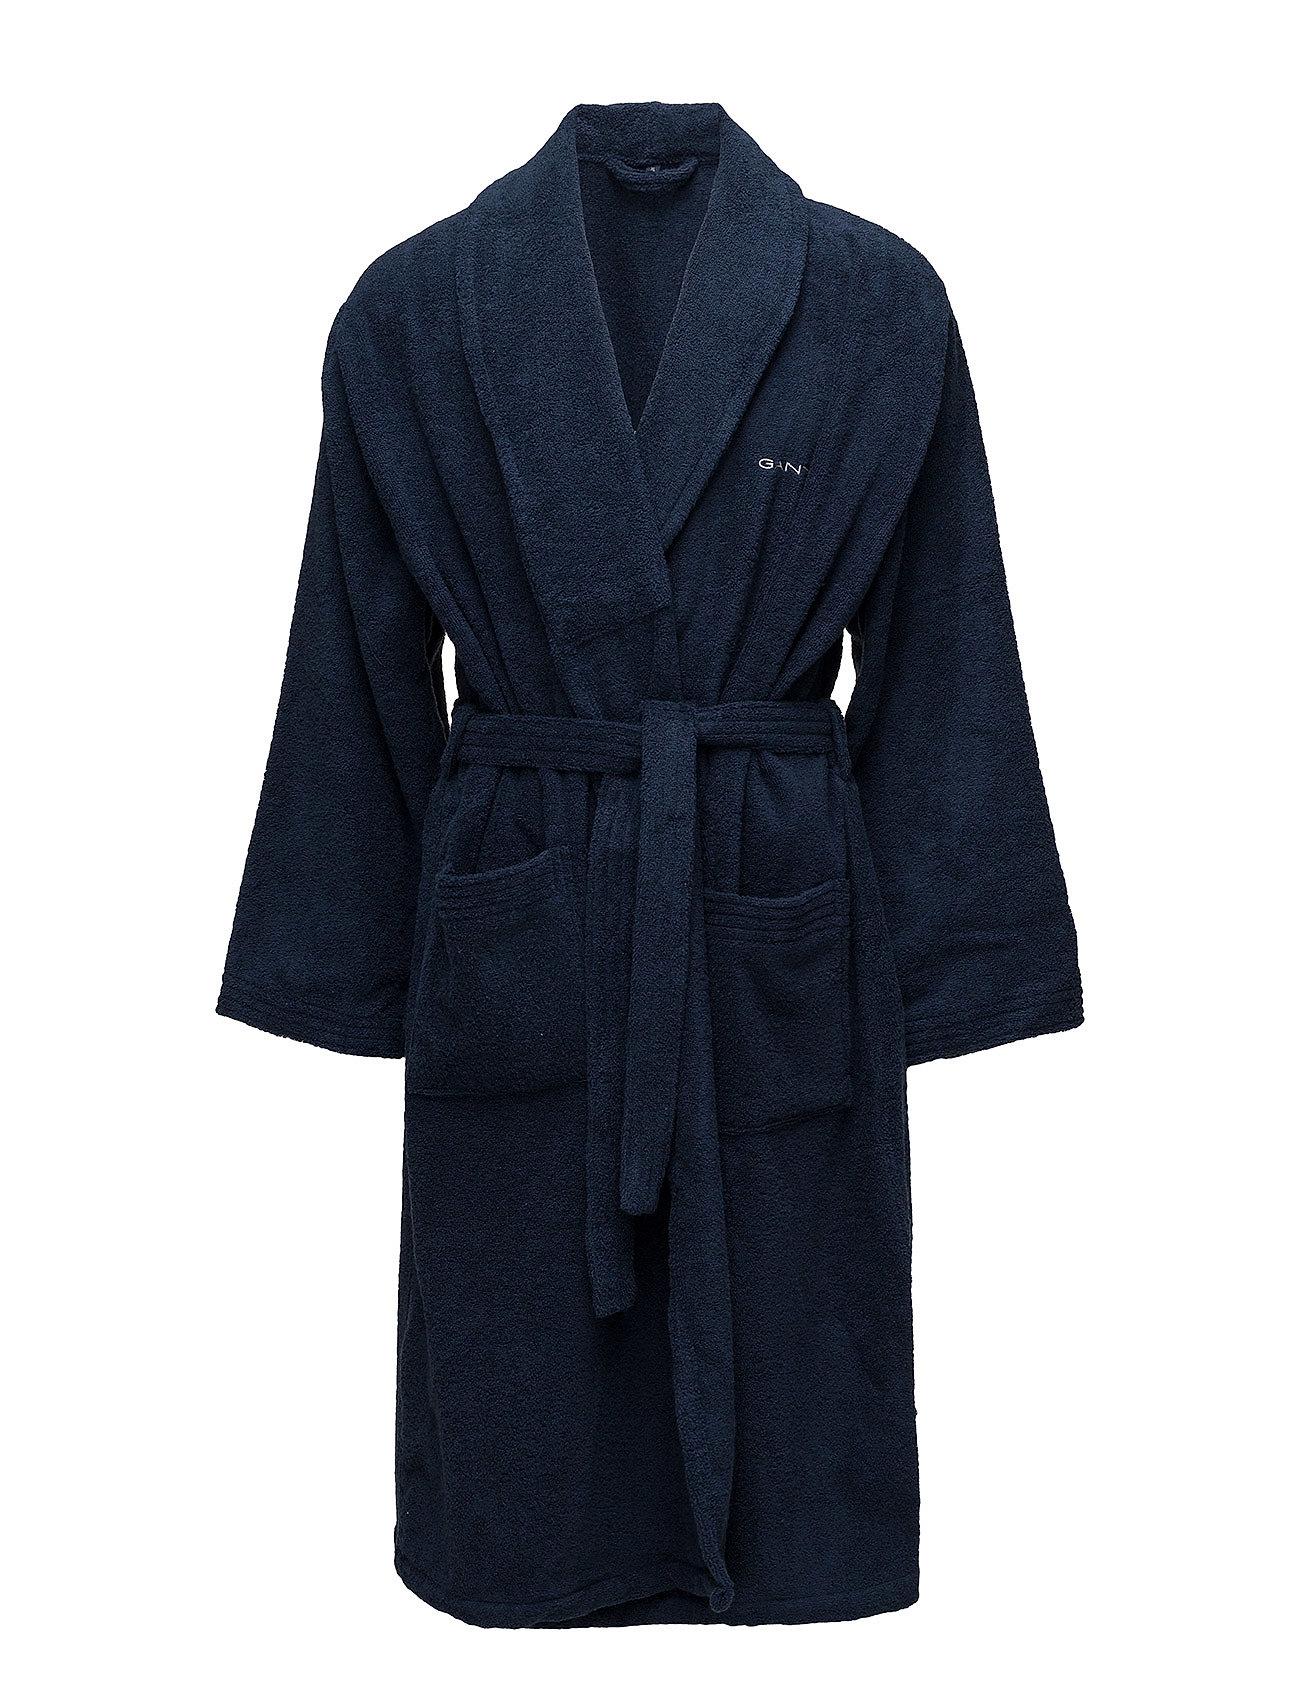 Terry Robe GANT Nattøj & Loungewear til Herrer i